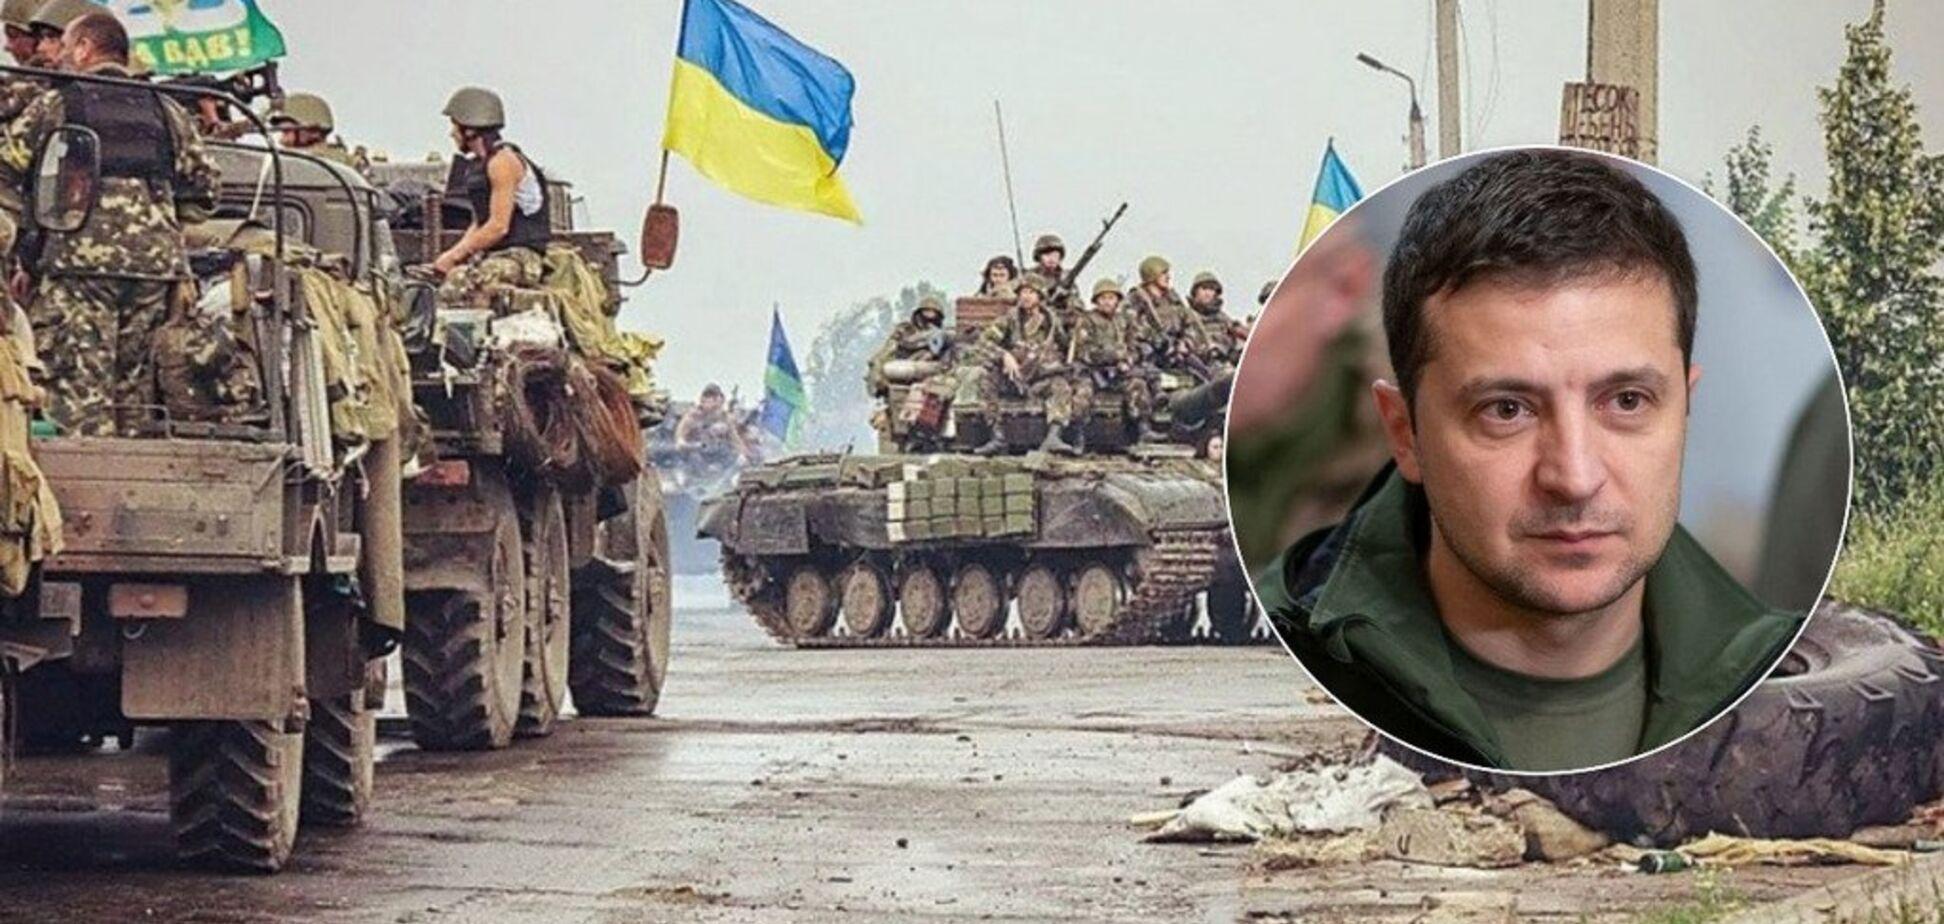 Зеленский поддерживает: в СНБО анонсировали громкий план противодействия России